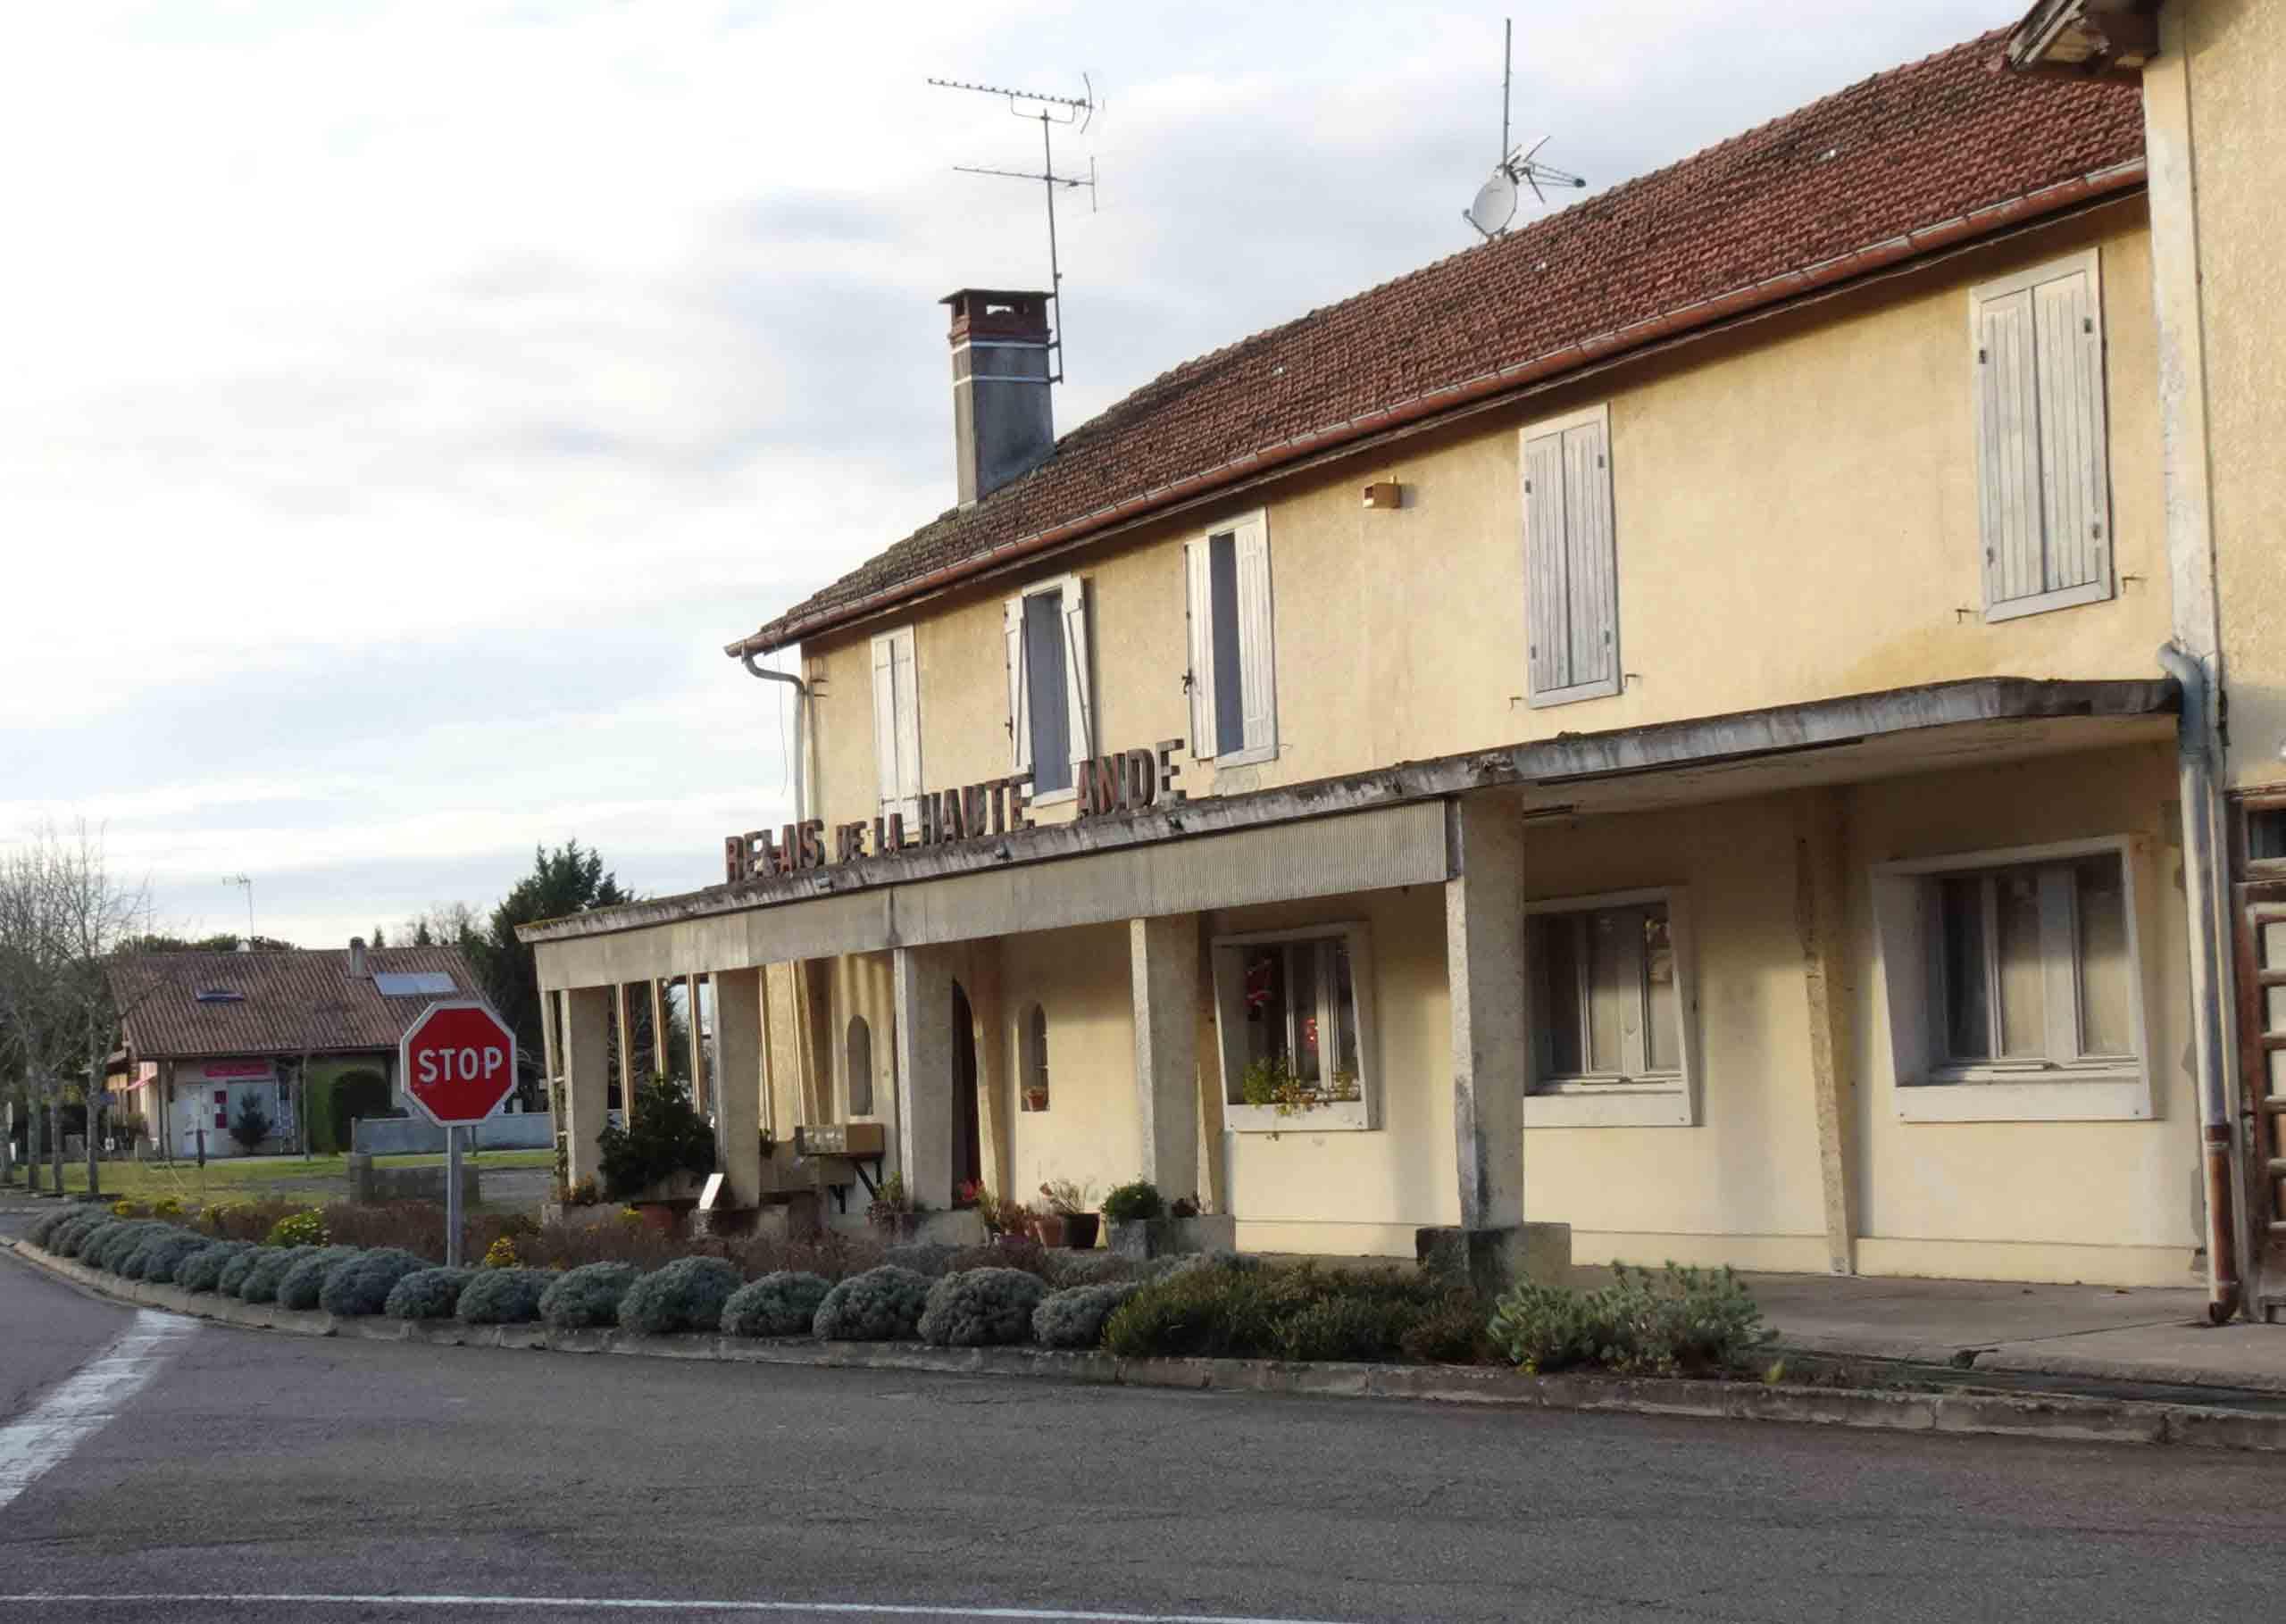 Luxey - Hotel de la gare en 2019